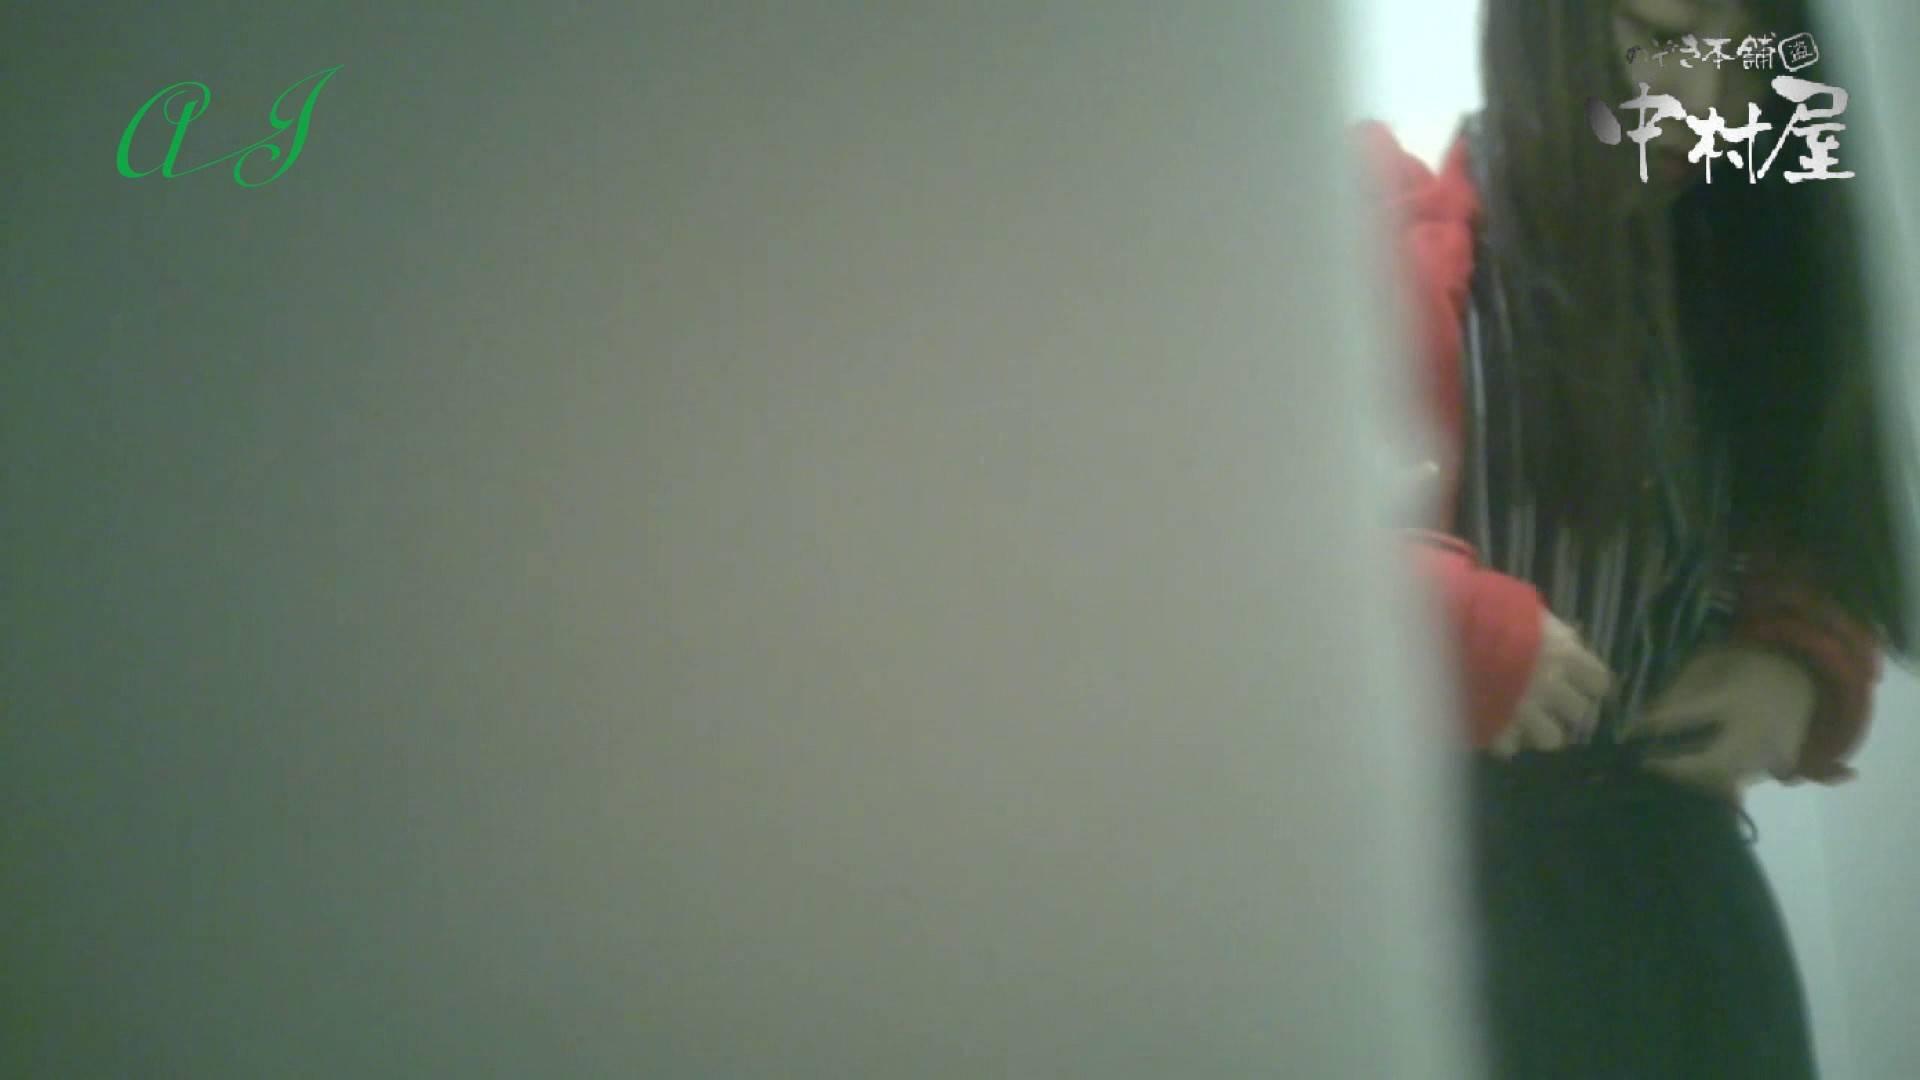 有名大学女性洗面所 vol.59 新アングル追加!相変わらずの美女率!! 投稿 濡れ場動画紹介 109PIX 29